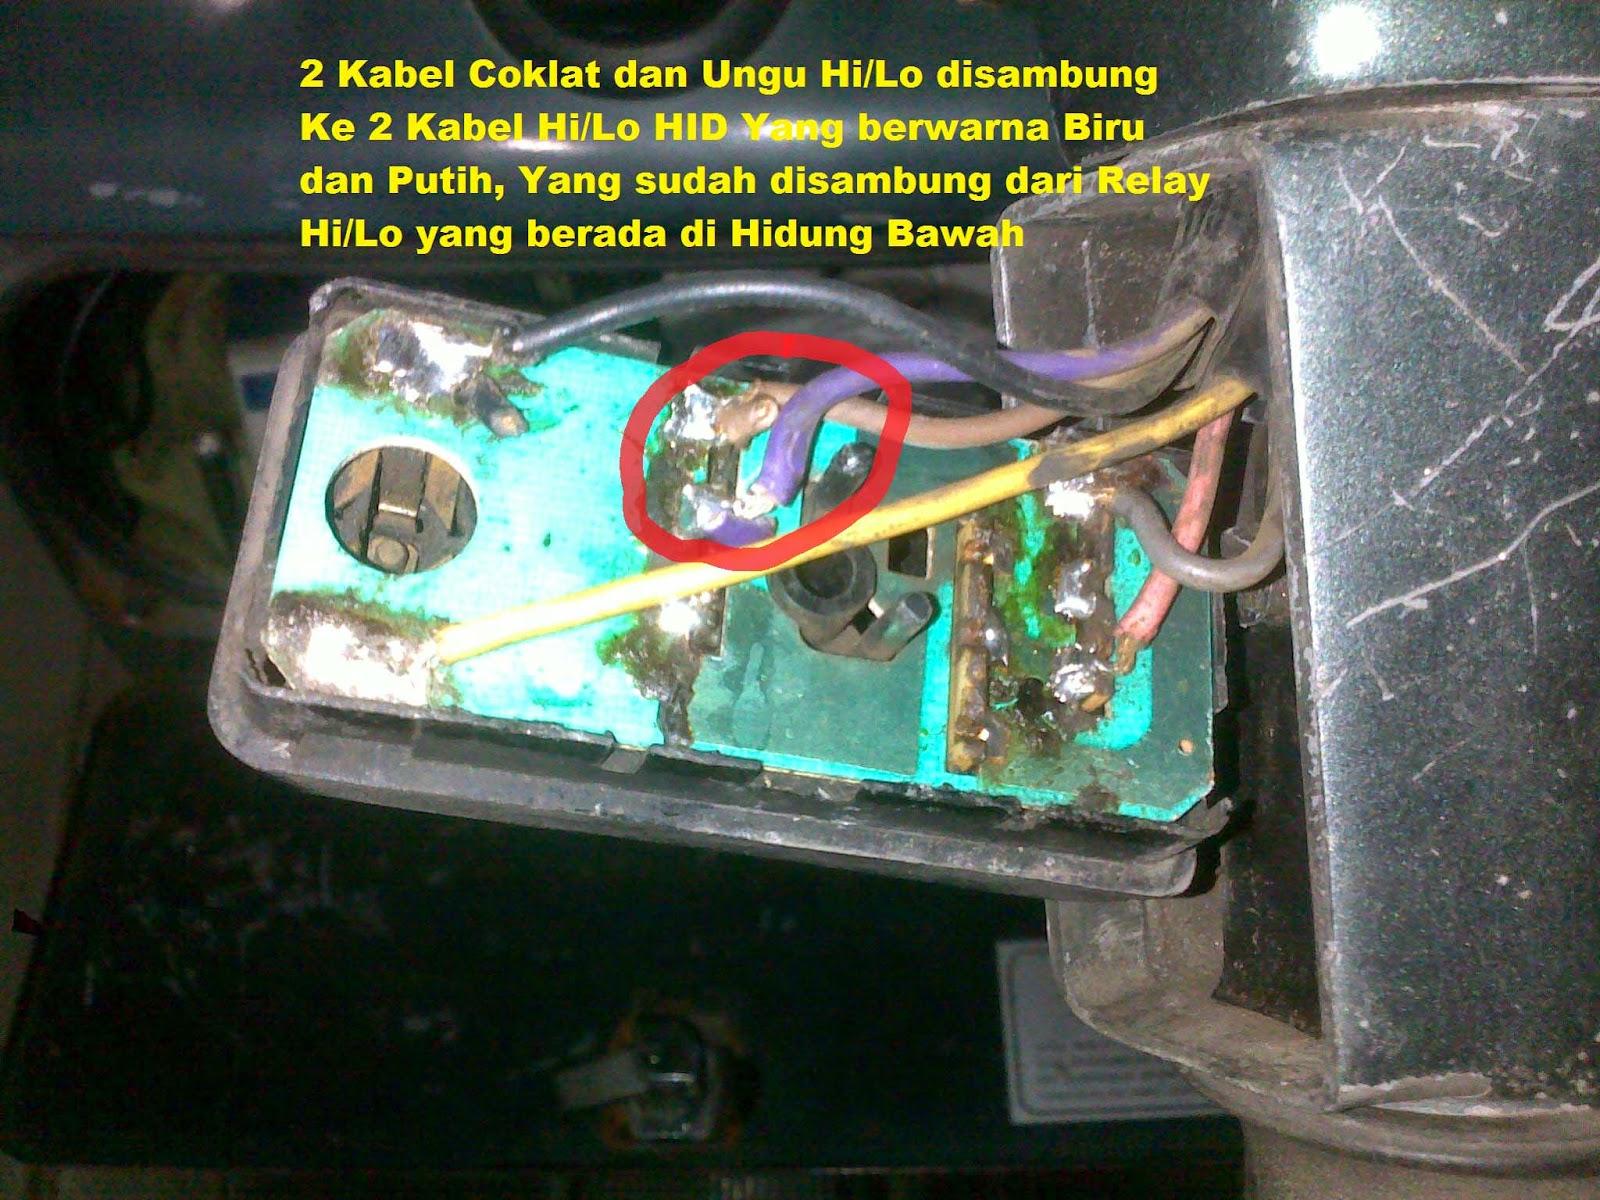 Vespane wong nganjuk desember 2014 soket cowok relay hilo kabelnya dipotong kemudian disambung ke atas dan disambung dengan potongan yang ada soketnya dan ditaruh di headlamp jangan sampai ccuart Choice Image